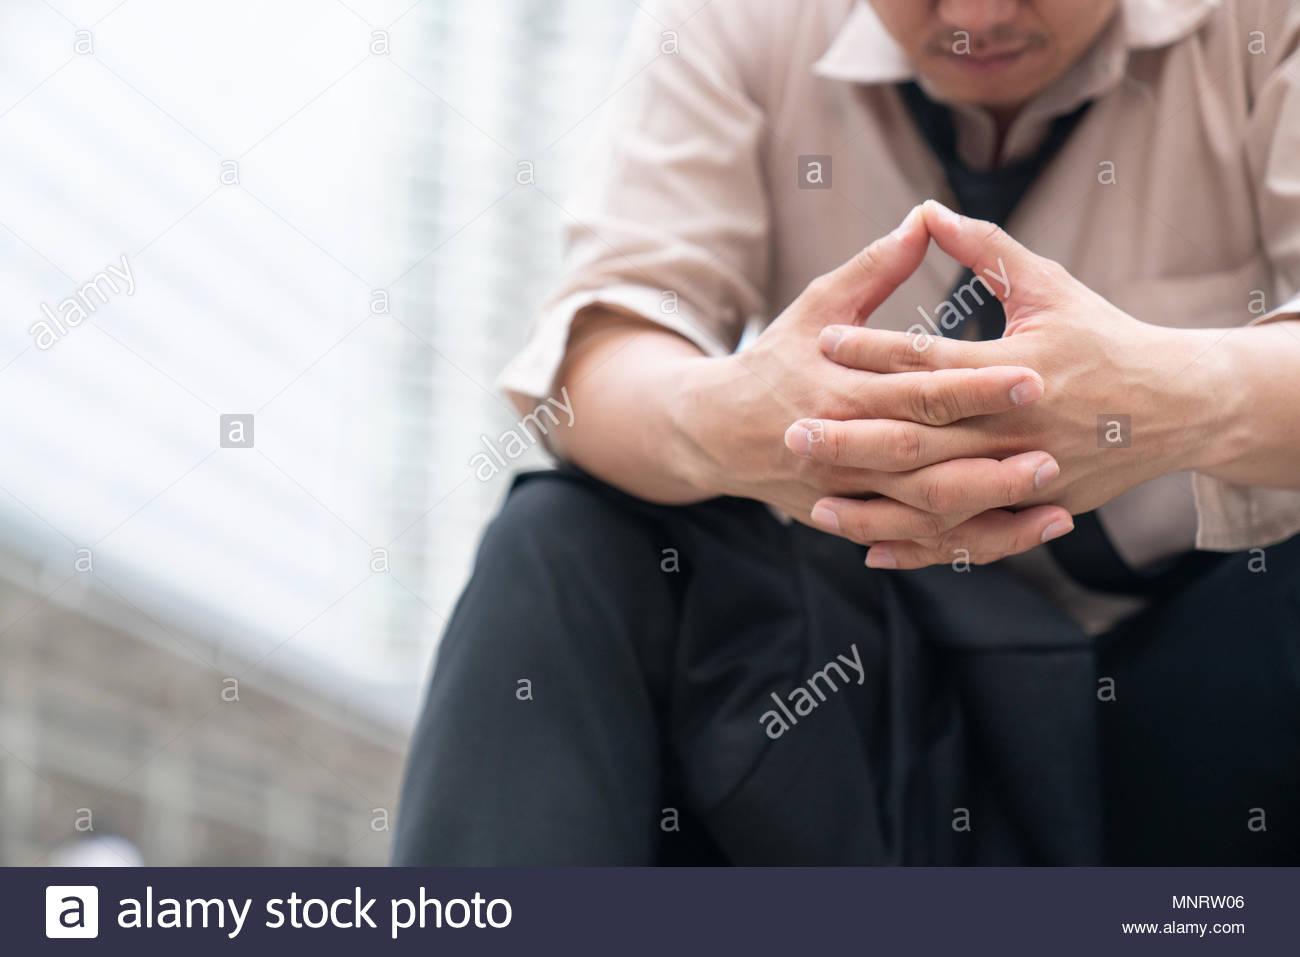 Stanco o stressato imprenditore seduta sul marciapiede in città dopo il suo lavoro. Immagine di imprenditore ha sottolineato concetto. Immagini Stock